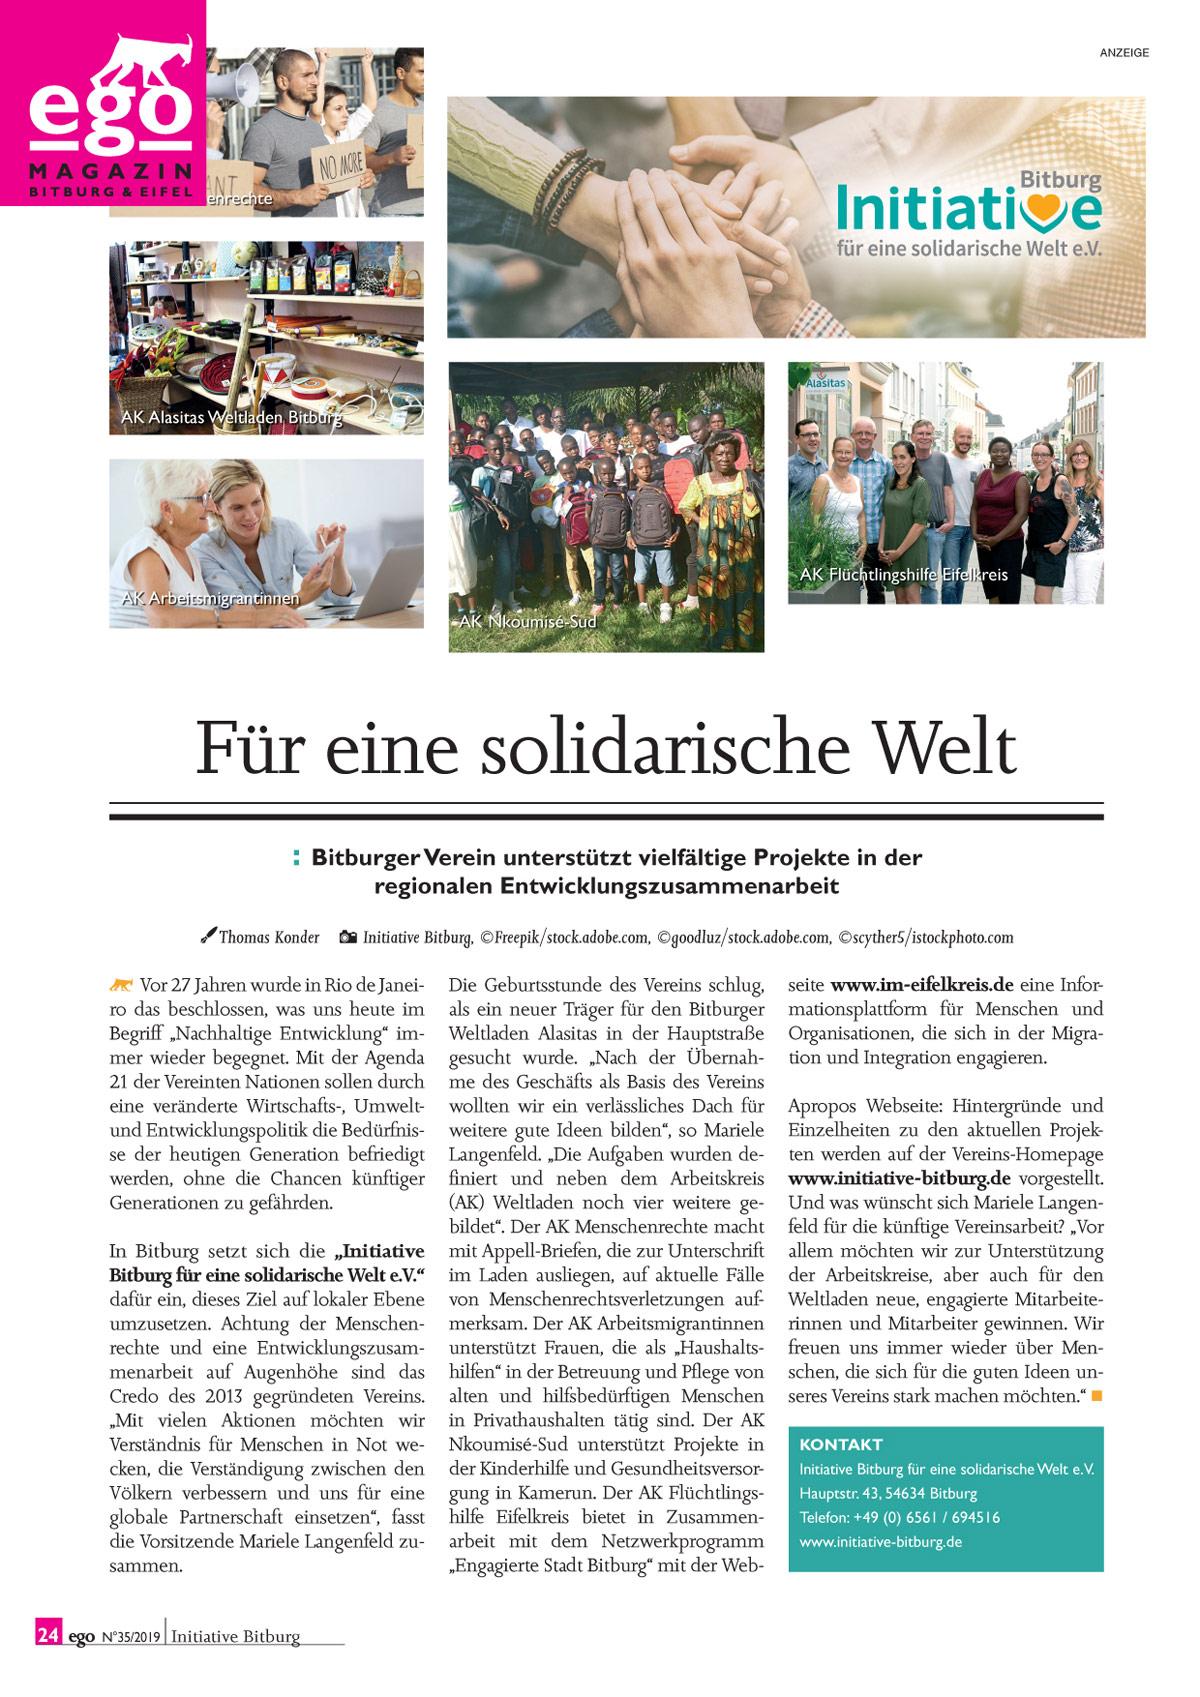 Artikel zur Initiative Bitburg aus der ego Magazin Ausgabe 35 jetzt lesen/downloaden (PDF Dokument)